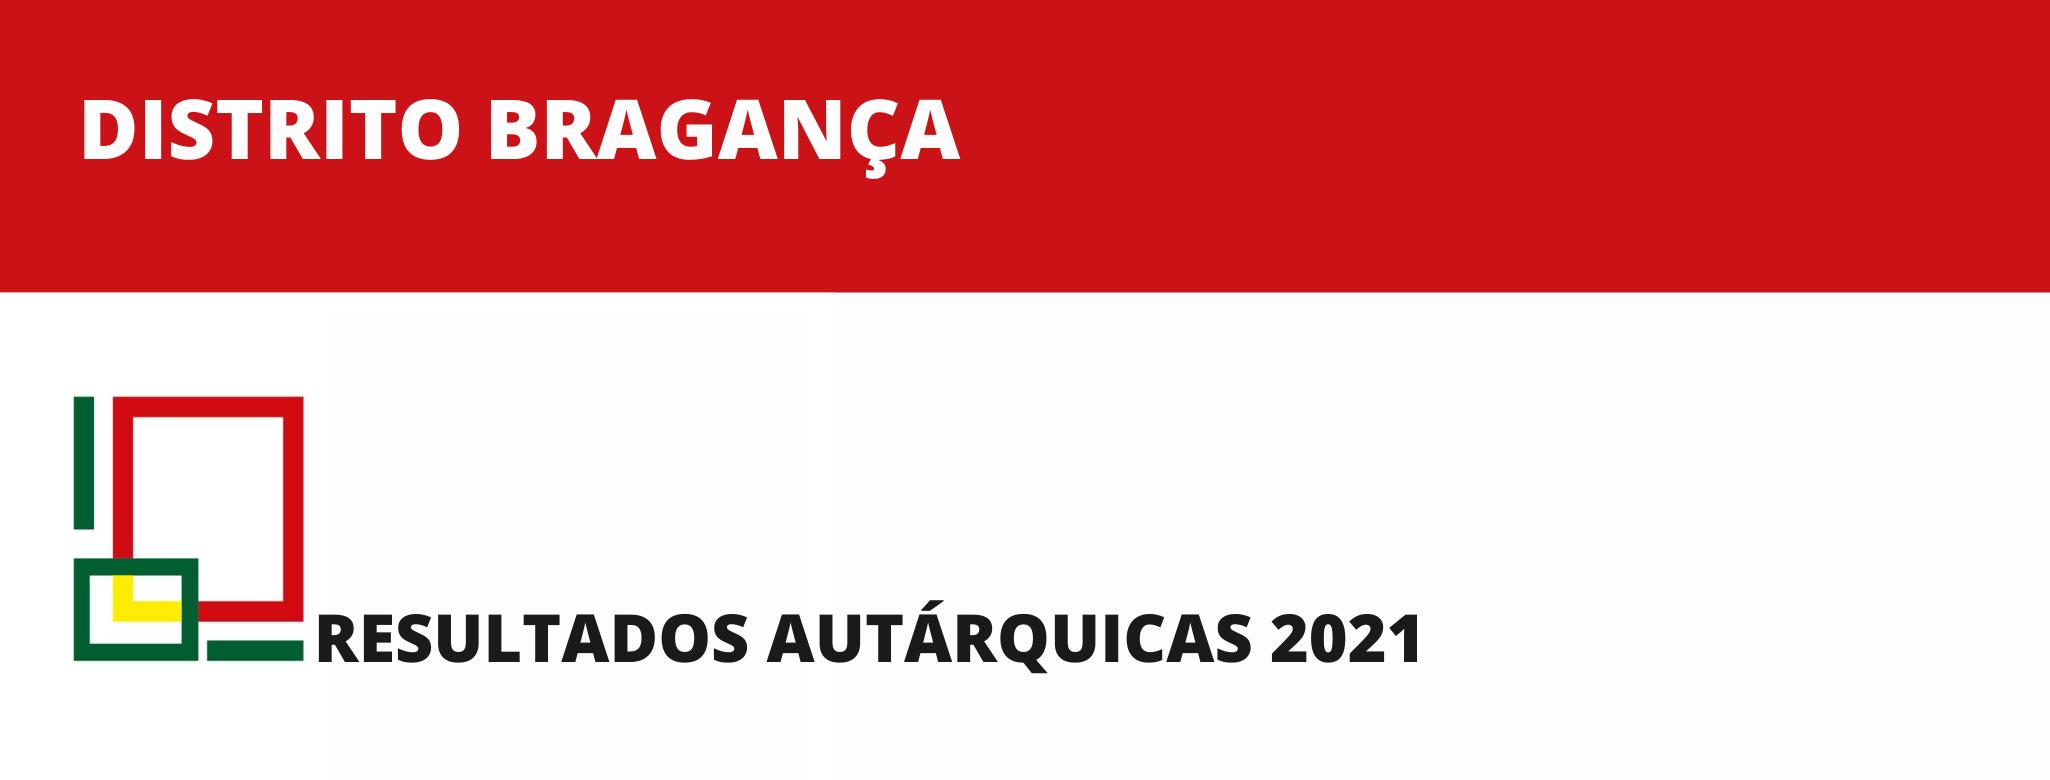 Distrito de Bragança: Resultados Autárquicas